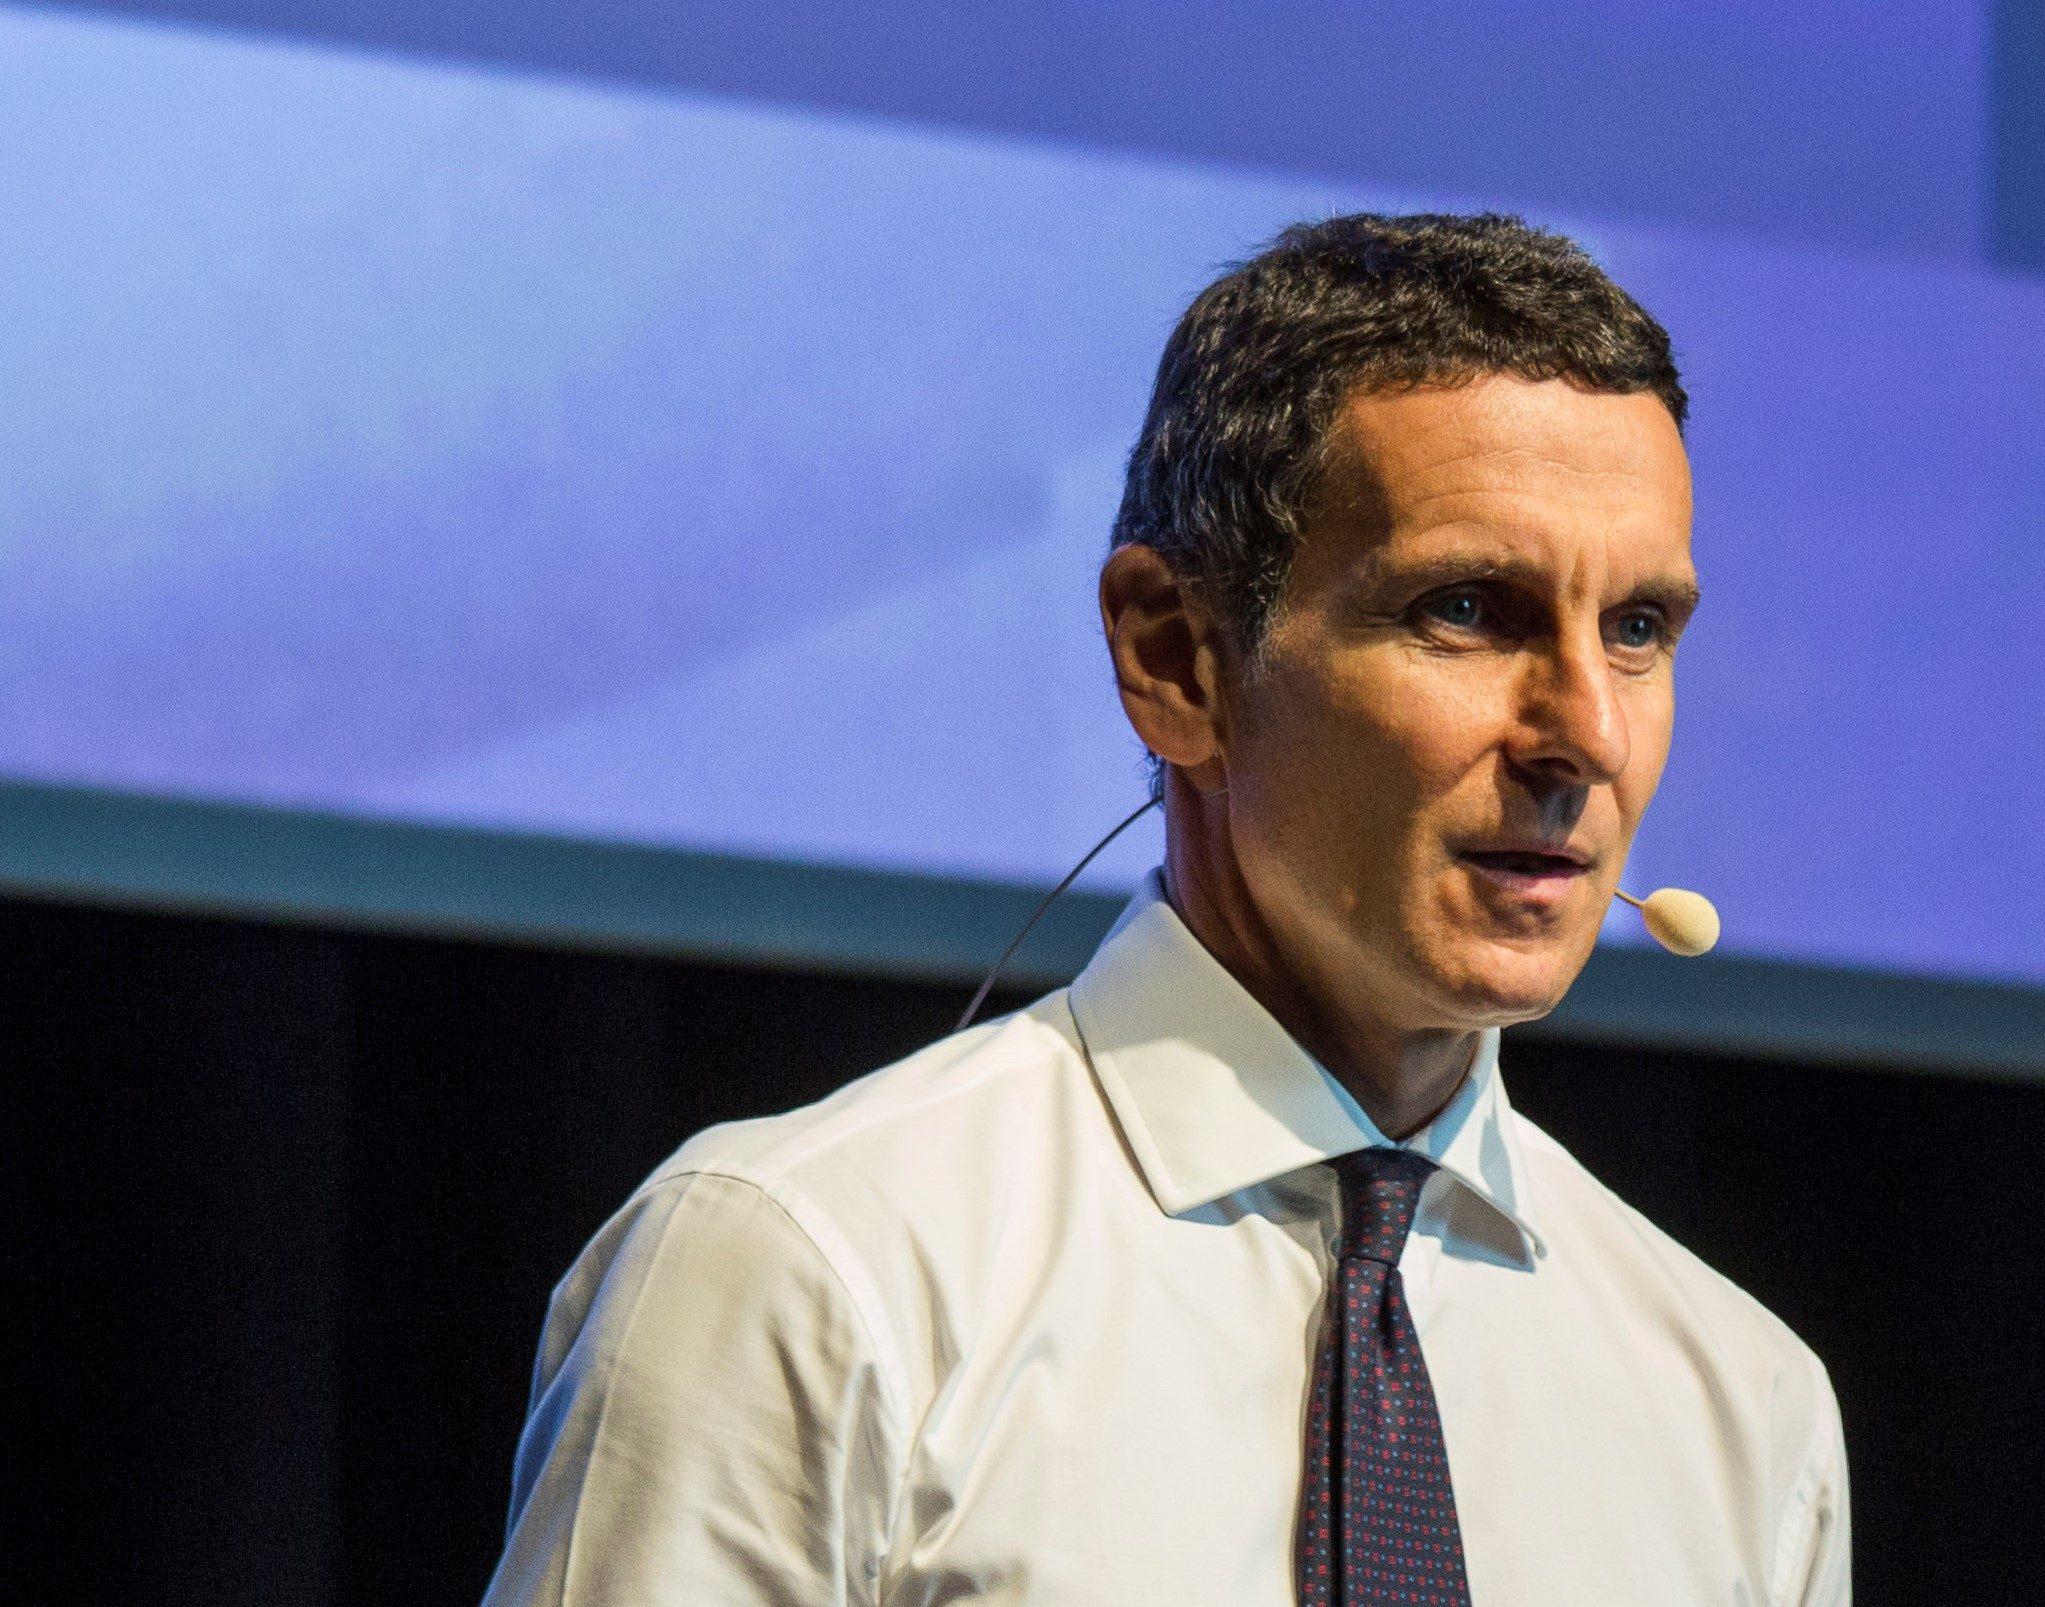 BANCA MPS: IL CDA APPROVA I RISULTATI AL 30 GIUGNO 2019